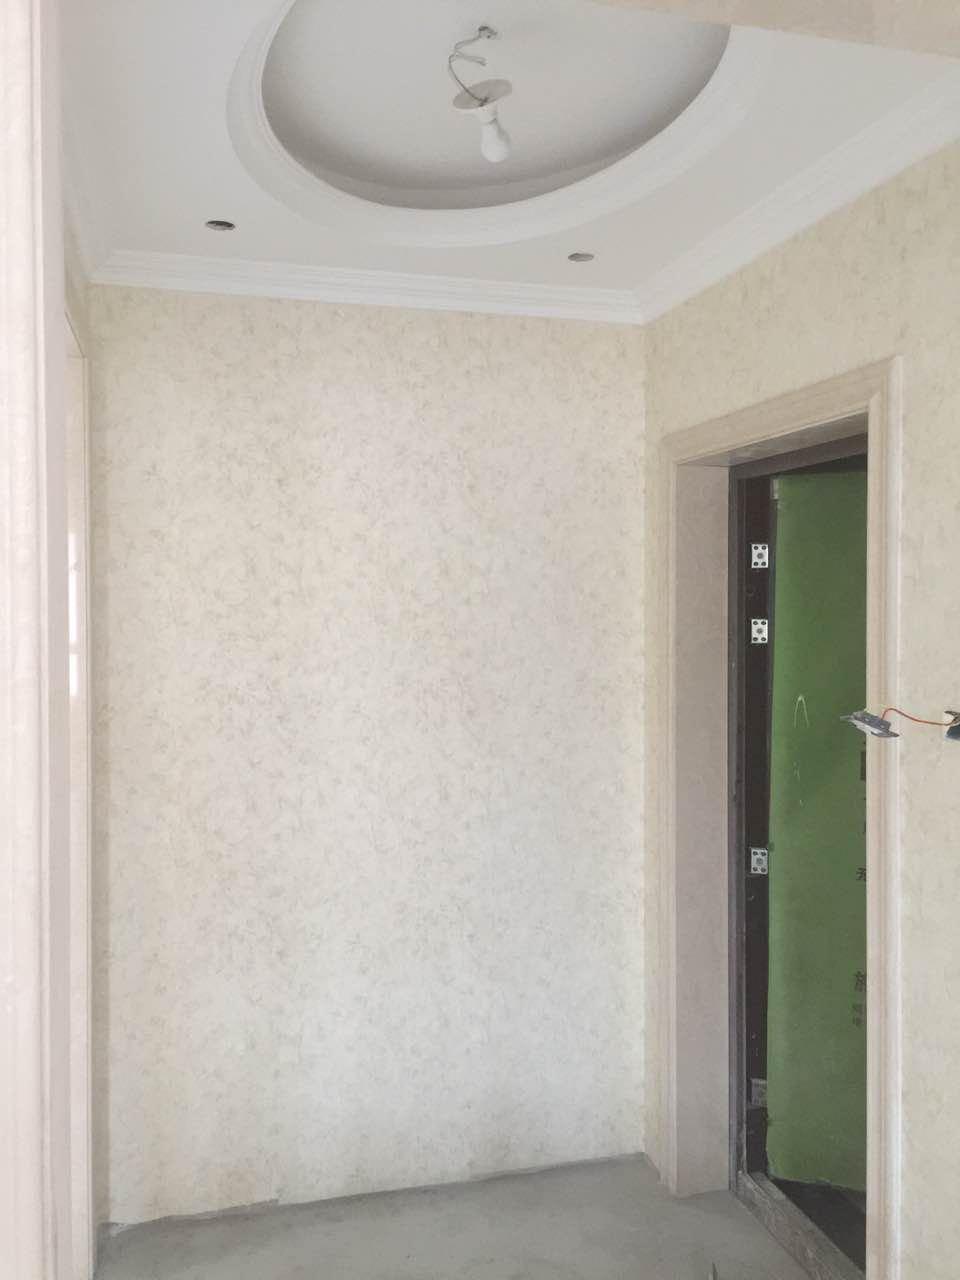 万龙丽水湾18栋1302壁纸粘贴现代简约装修效果图实景图